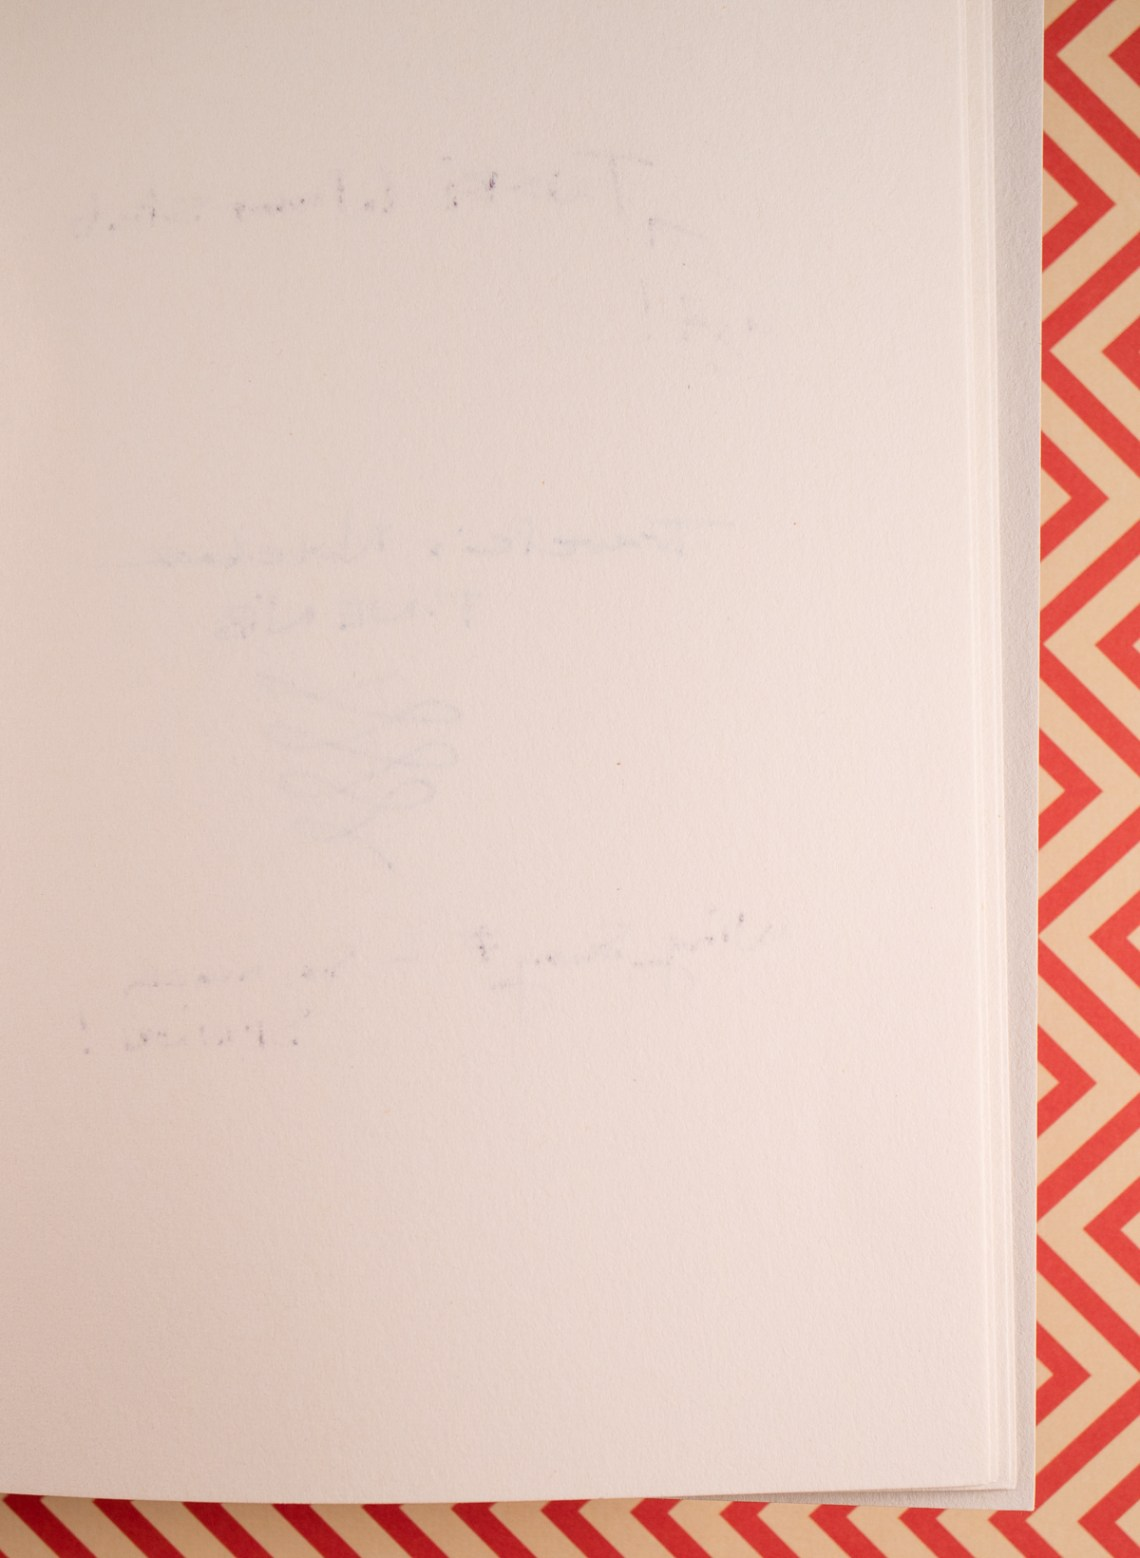 Puggy's Best High Stationer Notebook